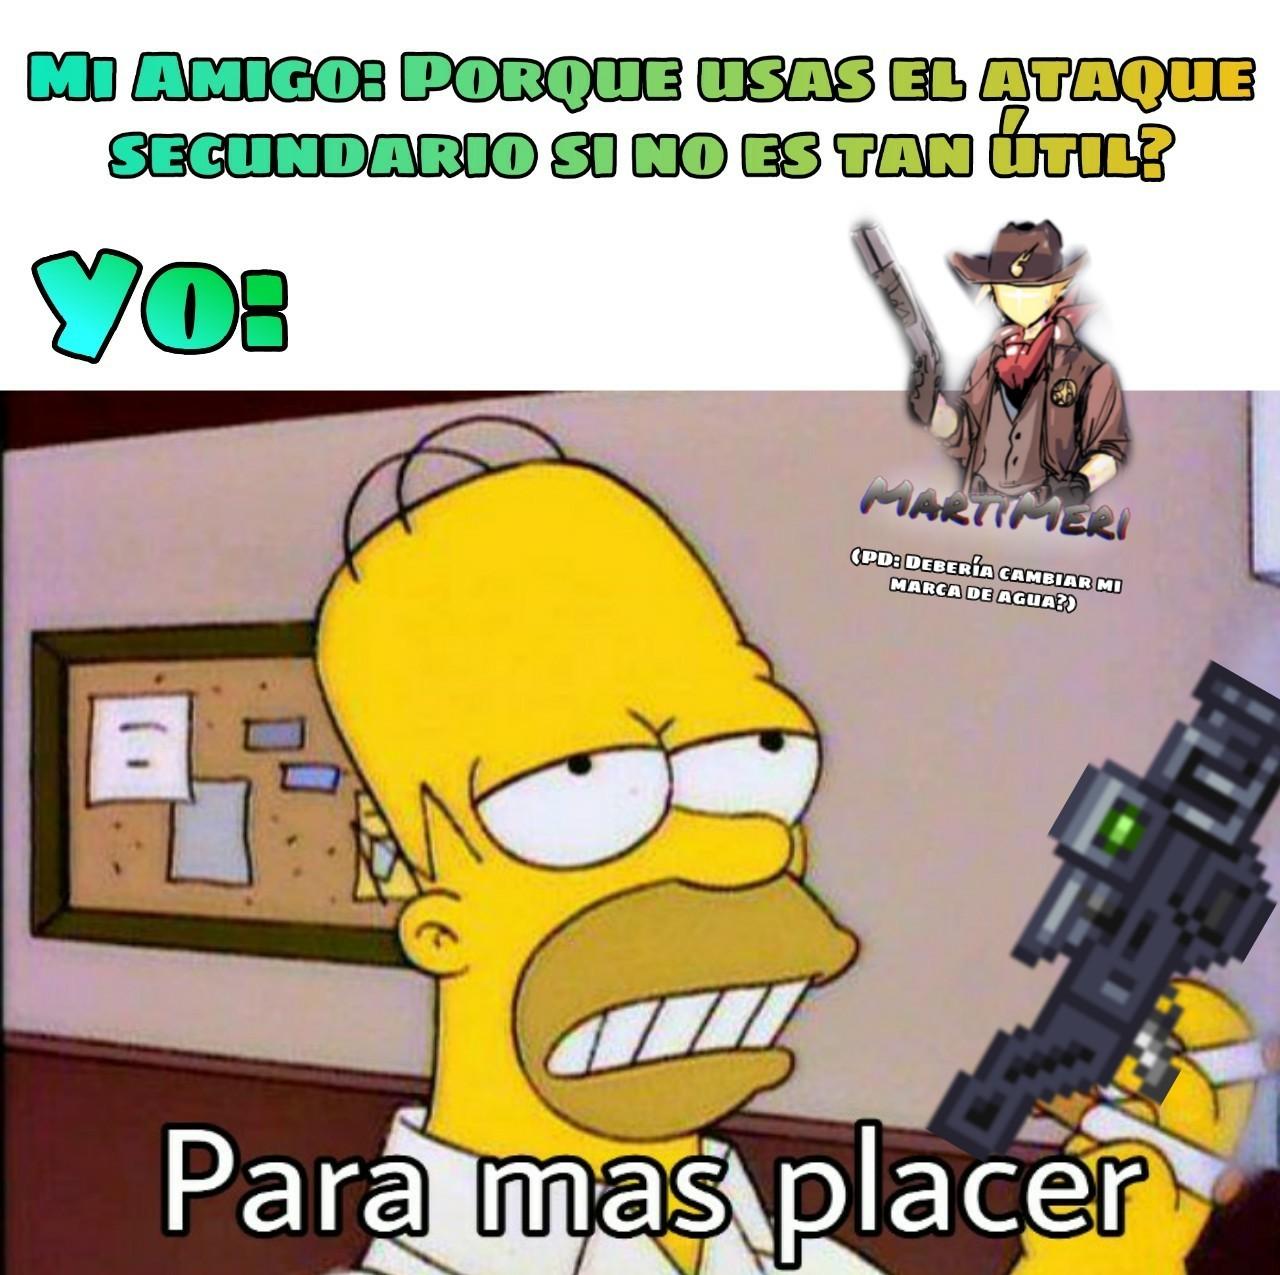 El atque secundario de esa arma es bien complicada de usar :happy: - meme